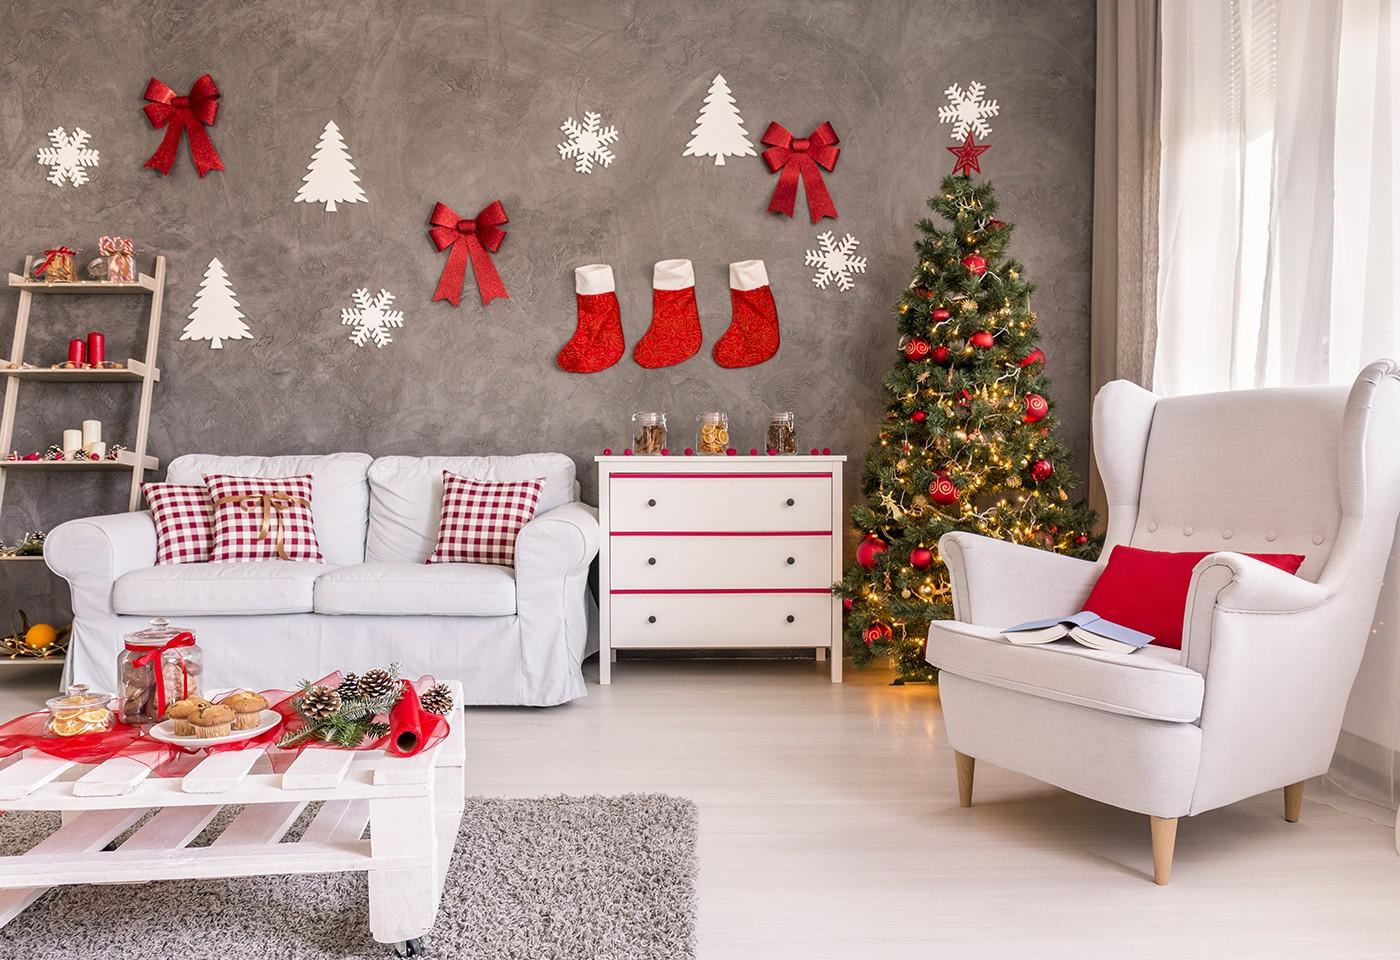 Divano Rosso Arredamento.Il Natale In Casa Arredi E Divano Rosso Per Vivere La Magia